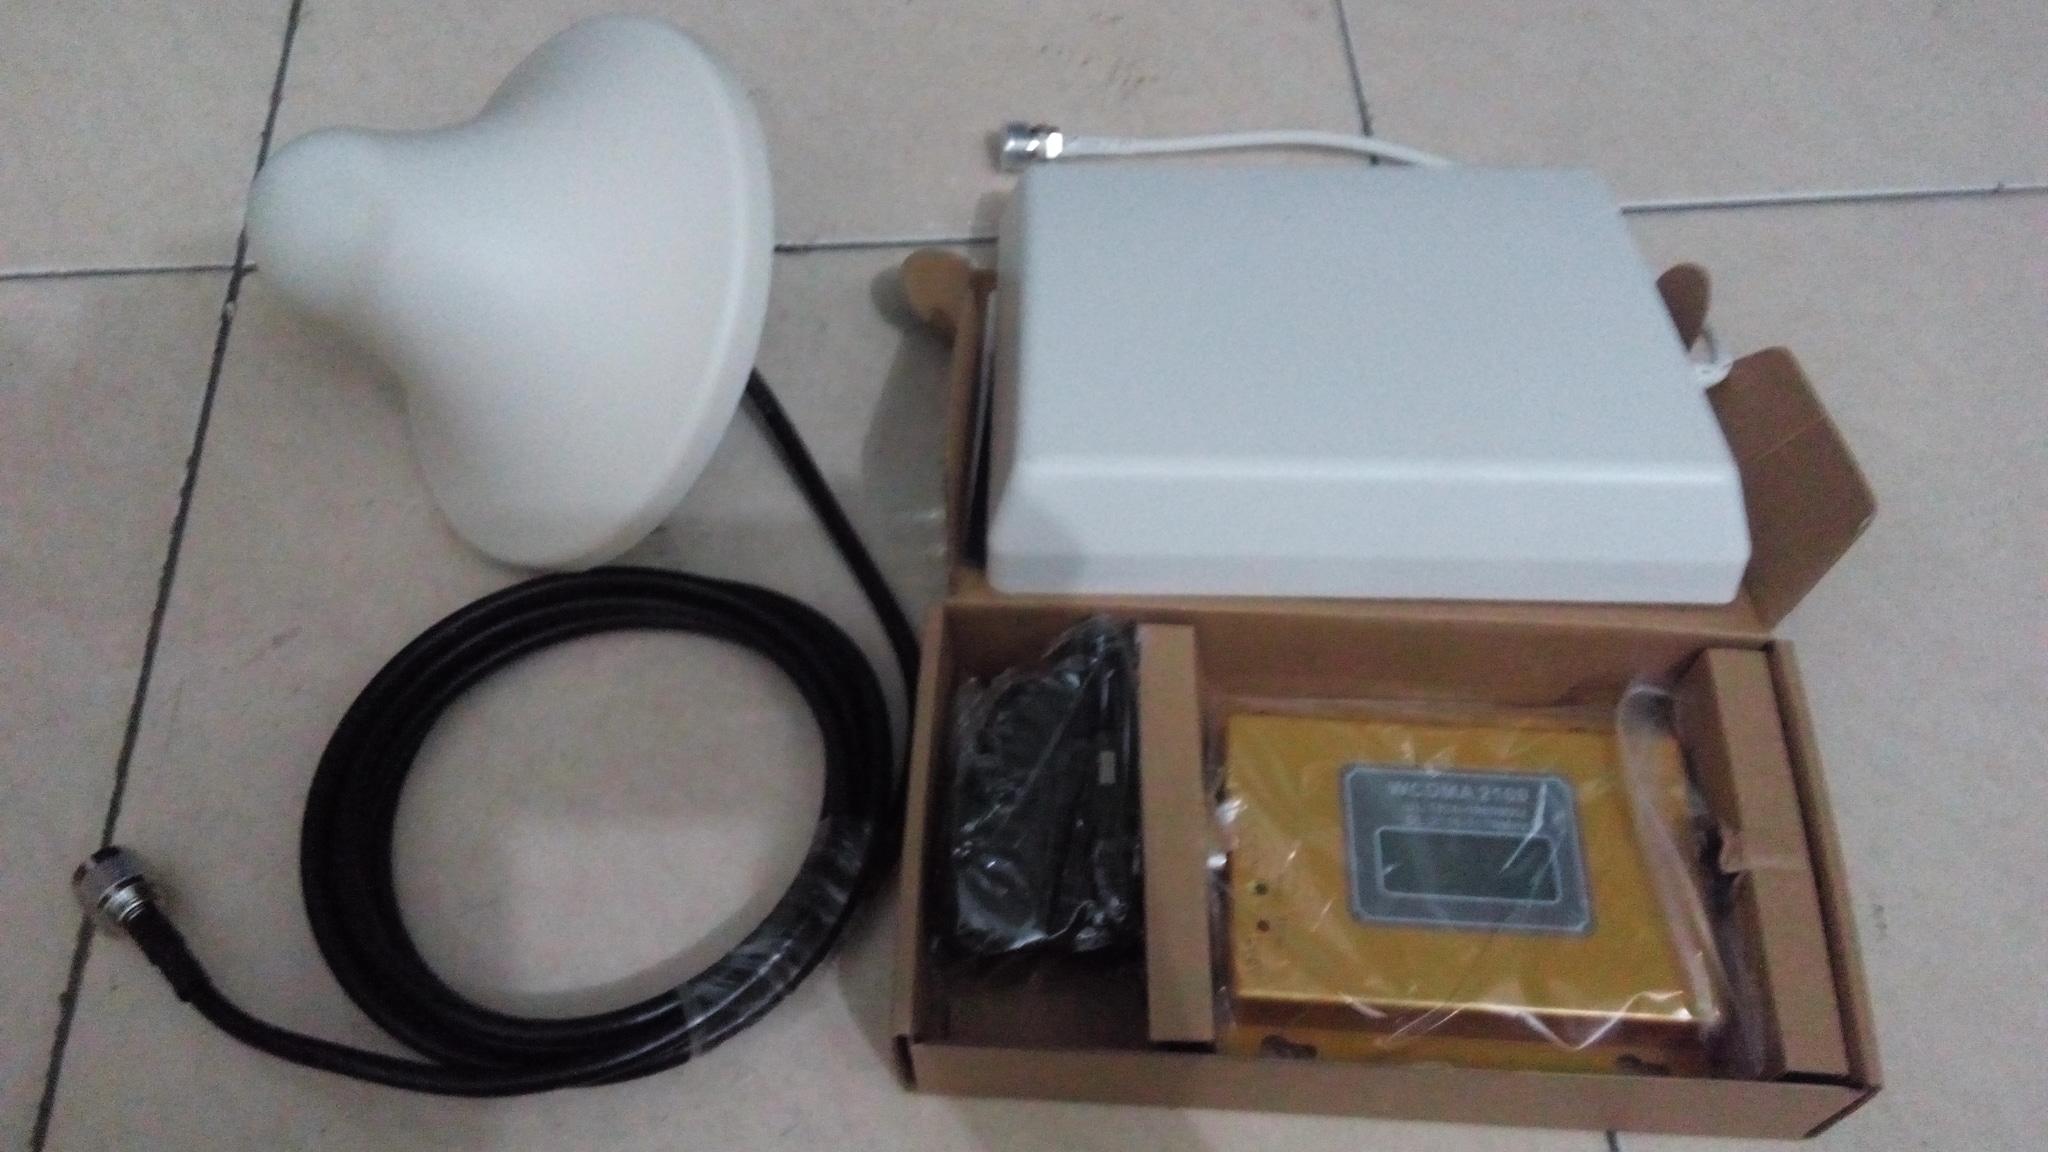 Jual Antenna penguat sinyal handphone murah alat penguat sinyal hp indoor Pusat Telekomunikasi